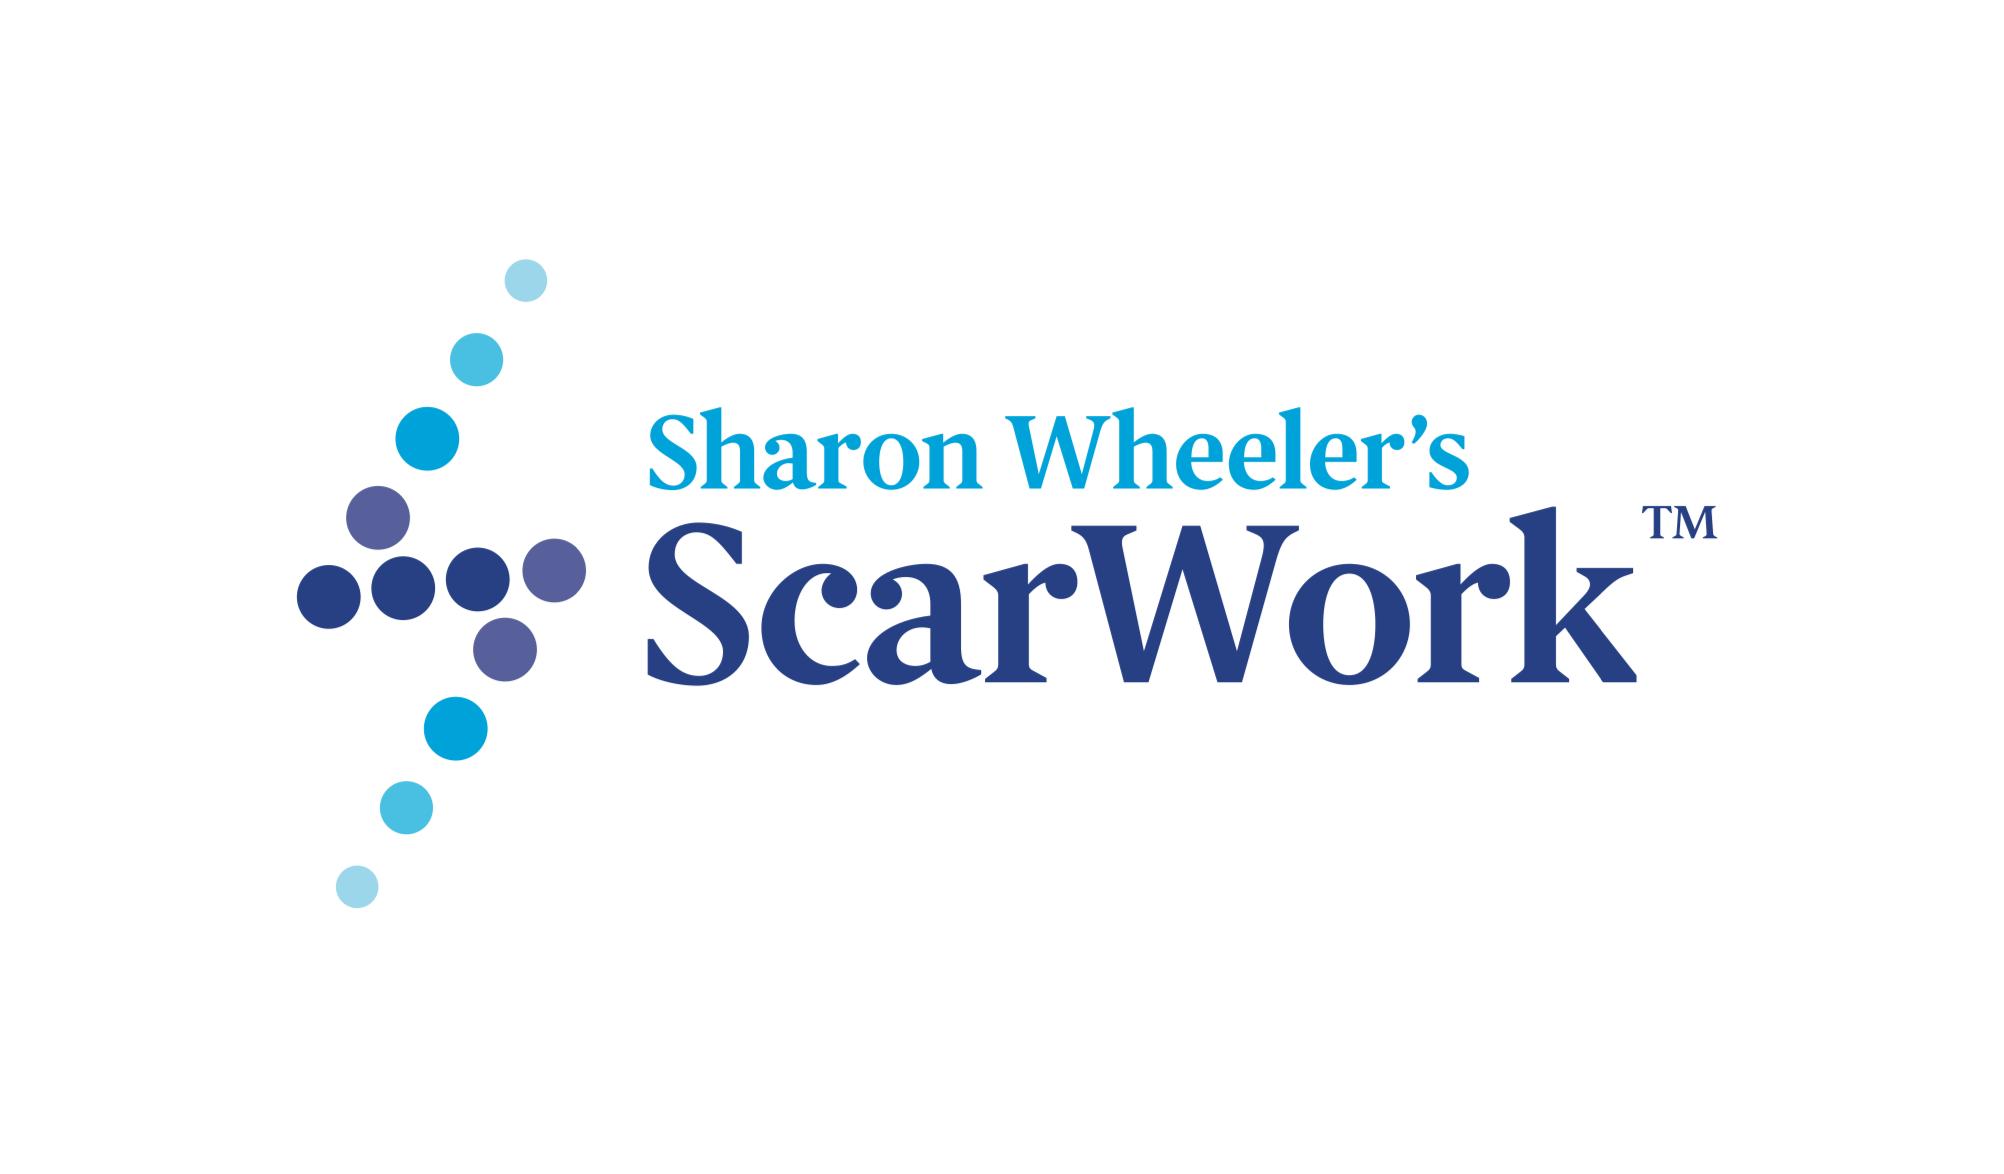 Sharon Wheeler's Scarwork logo